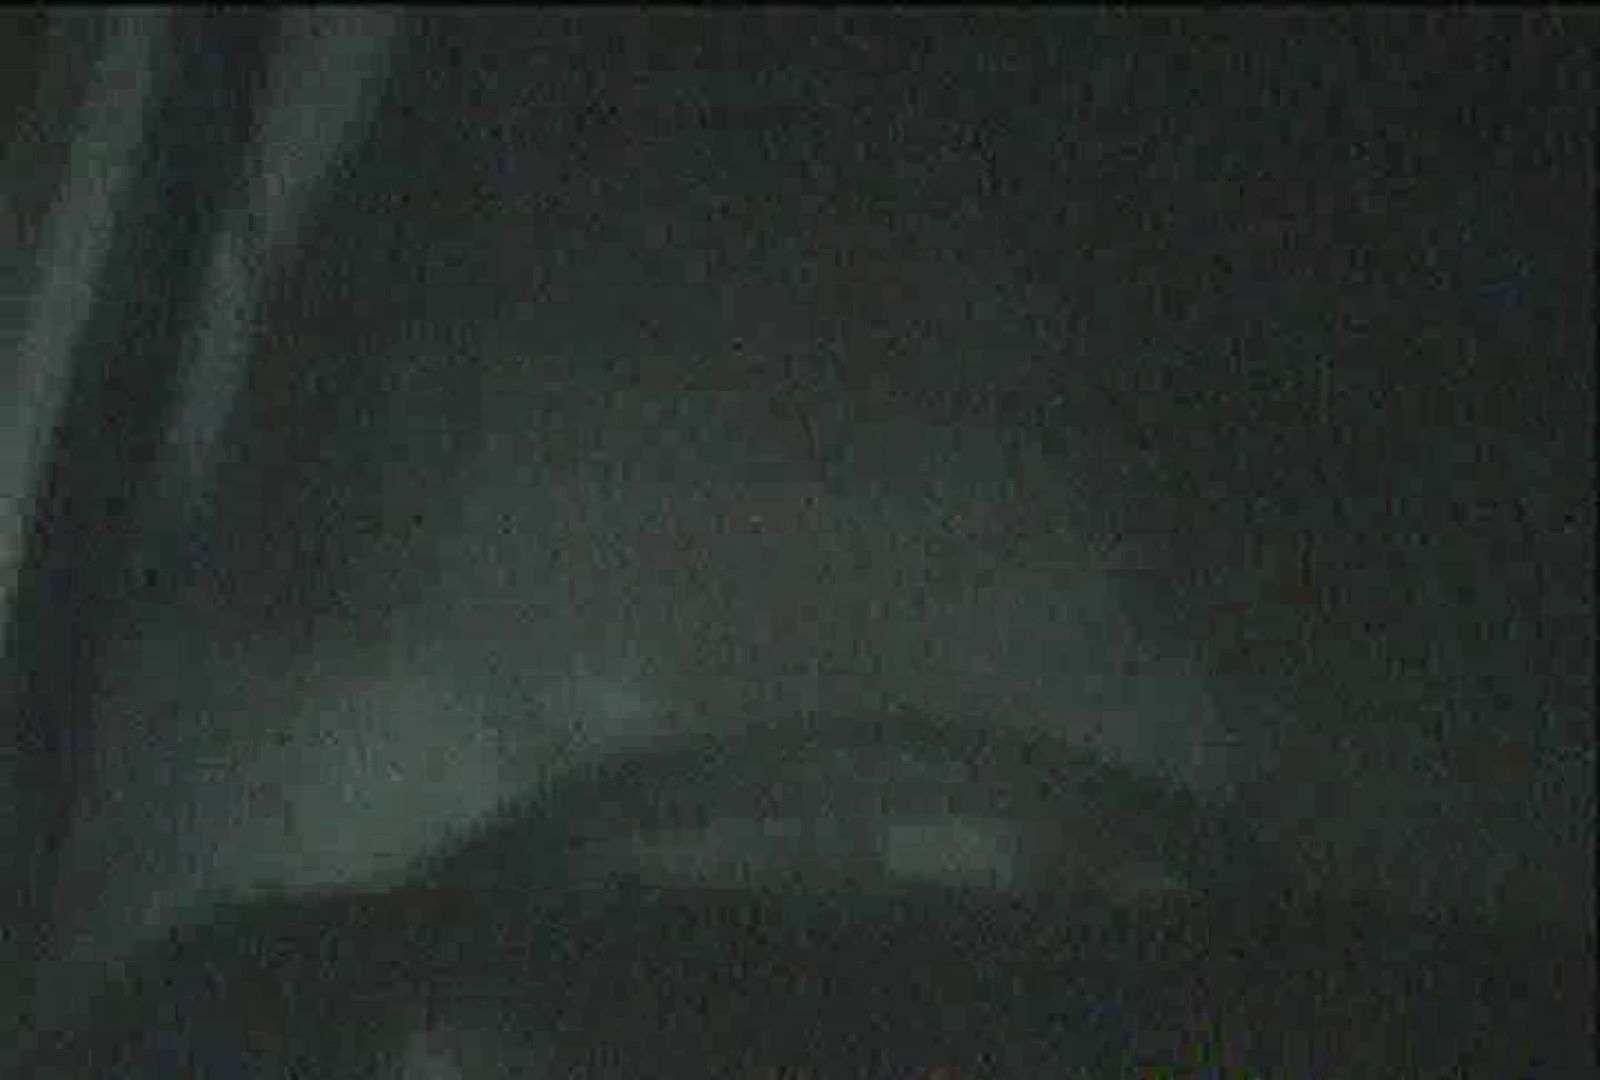 充血監督の深夜の運動会Vol.79 おまんこ | 美しいOLの裸体  91pic 69